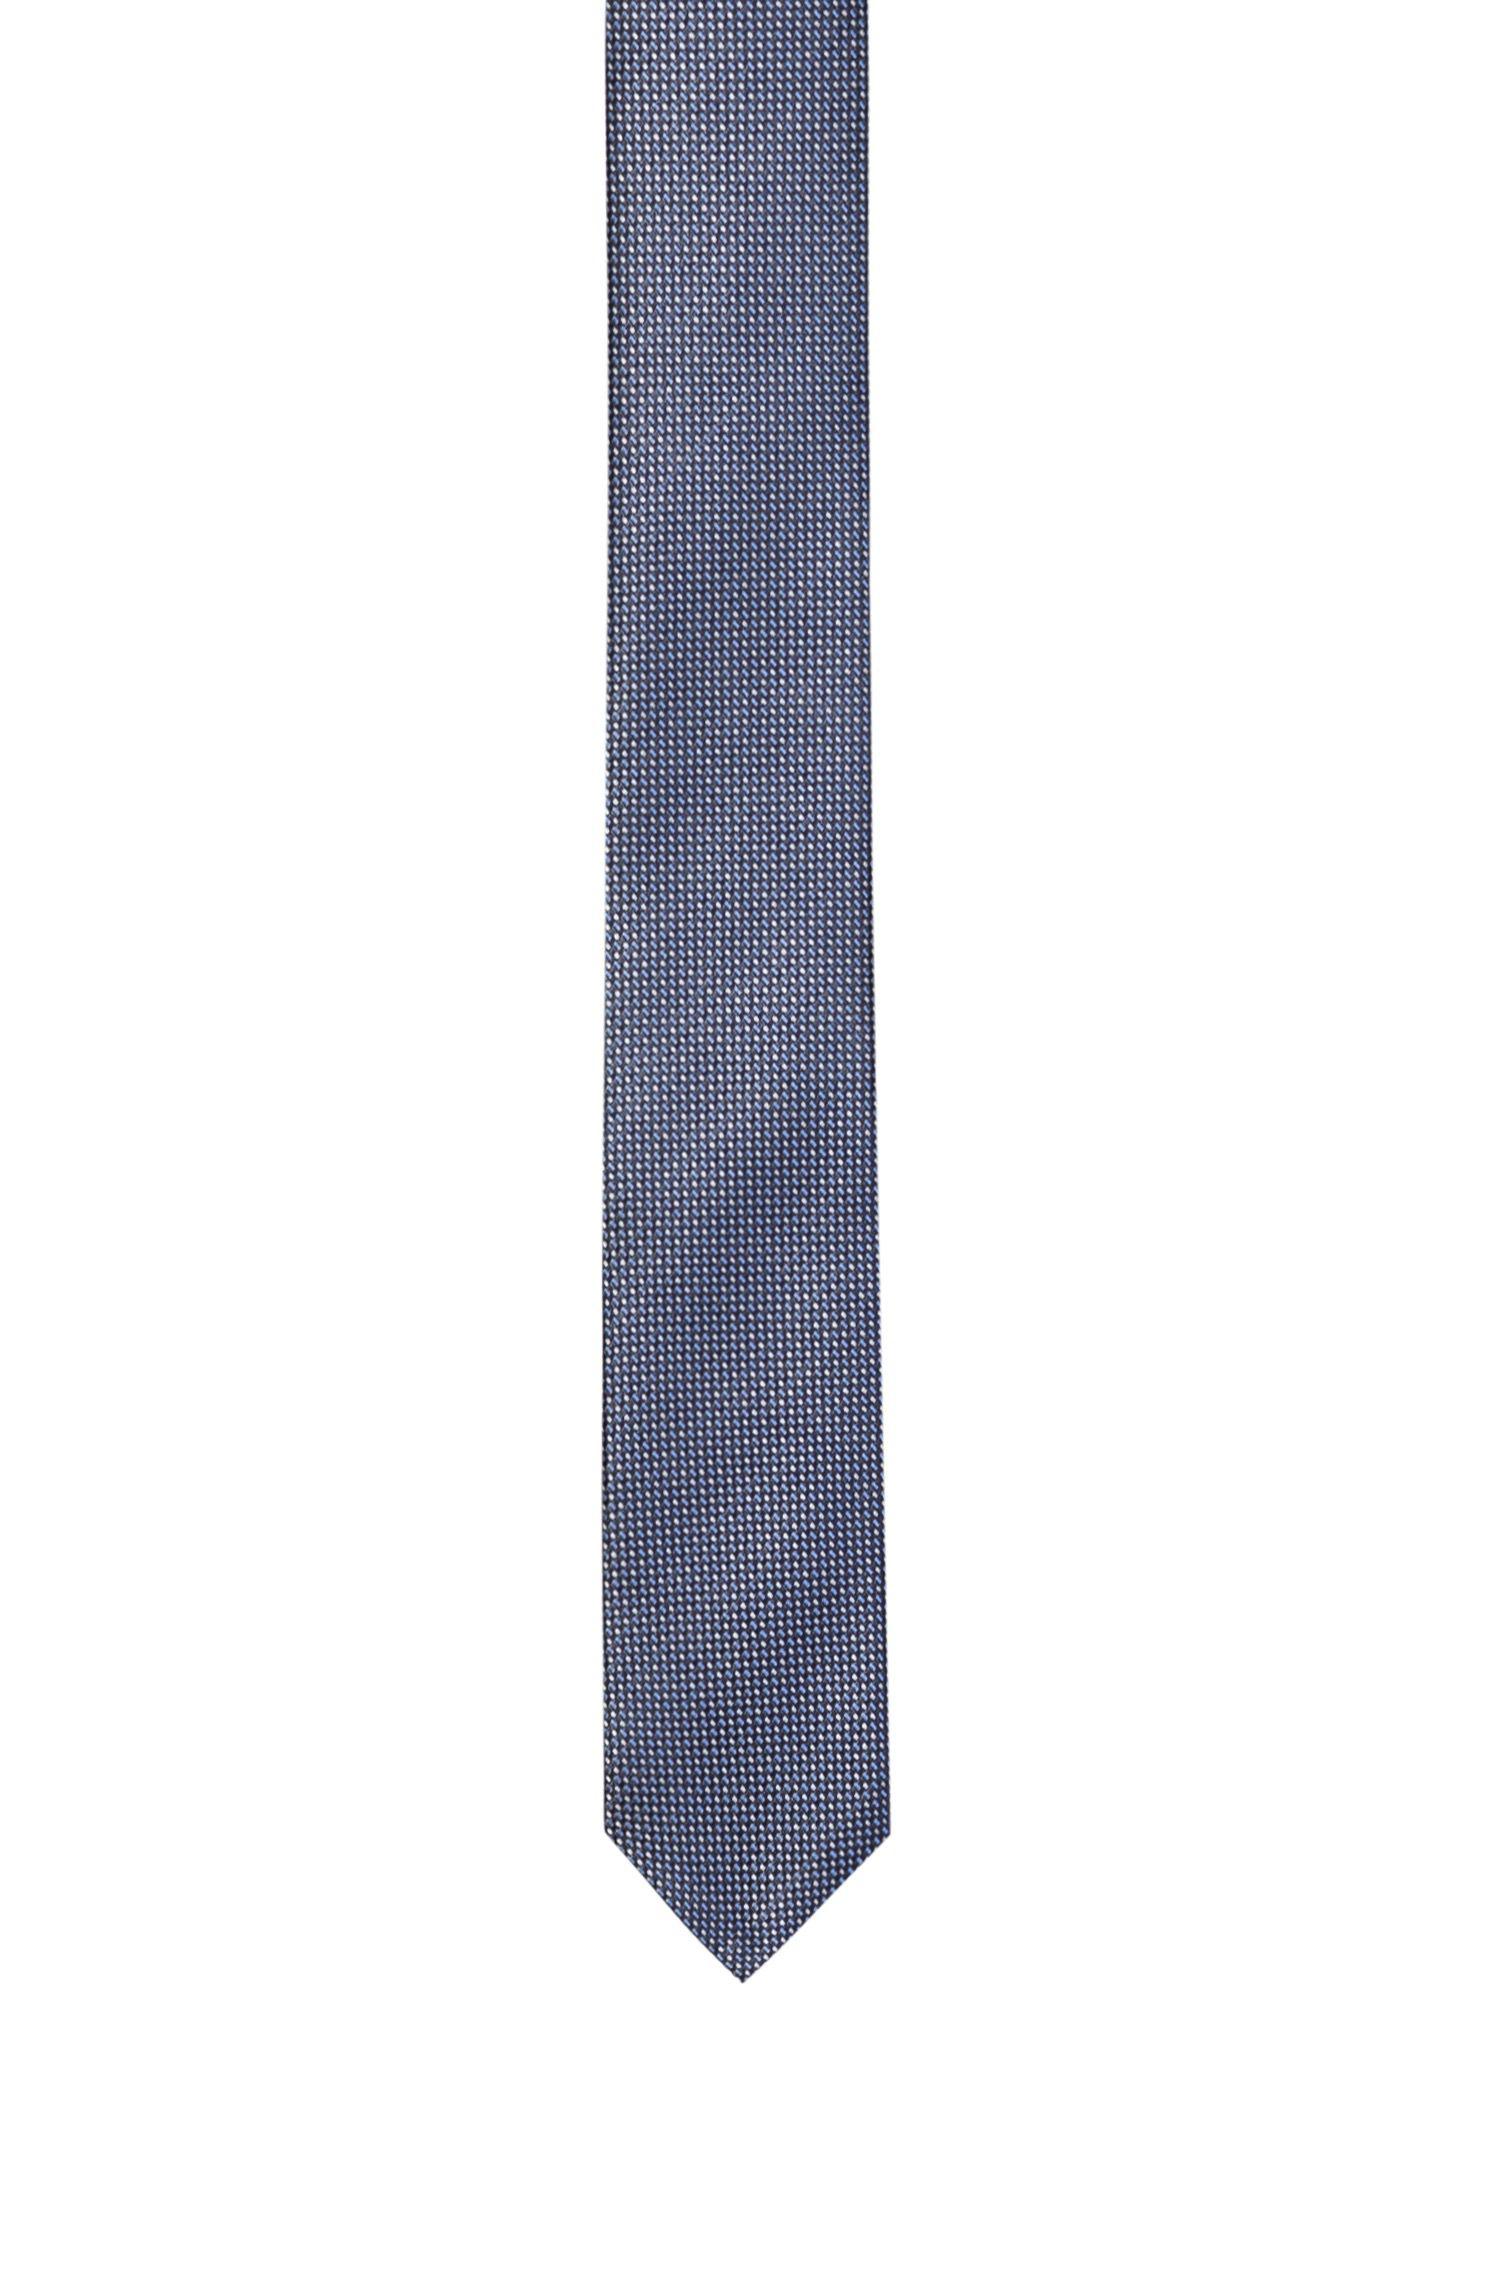 Cravatta in seta jacquard con microdisegno, A disegni